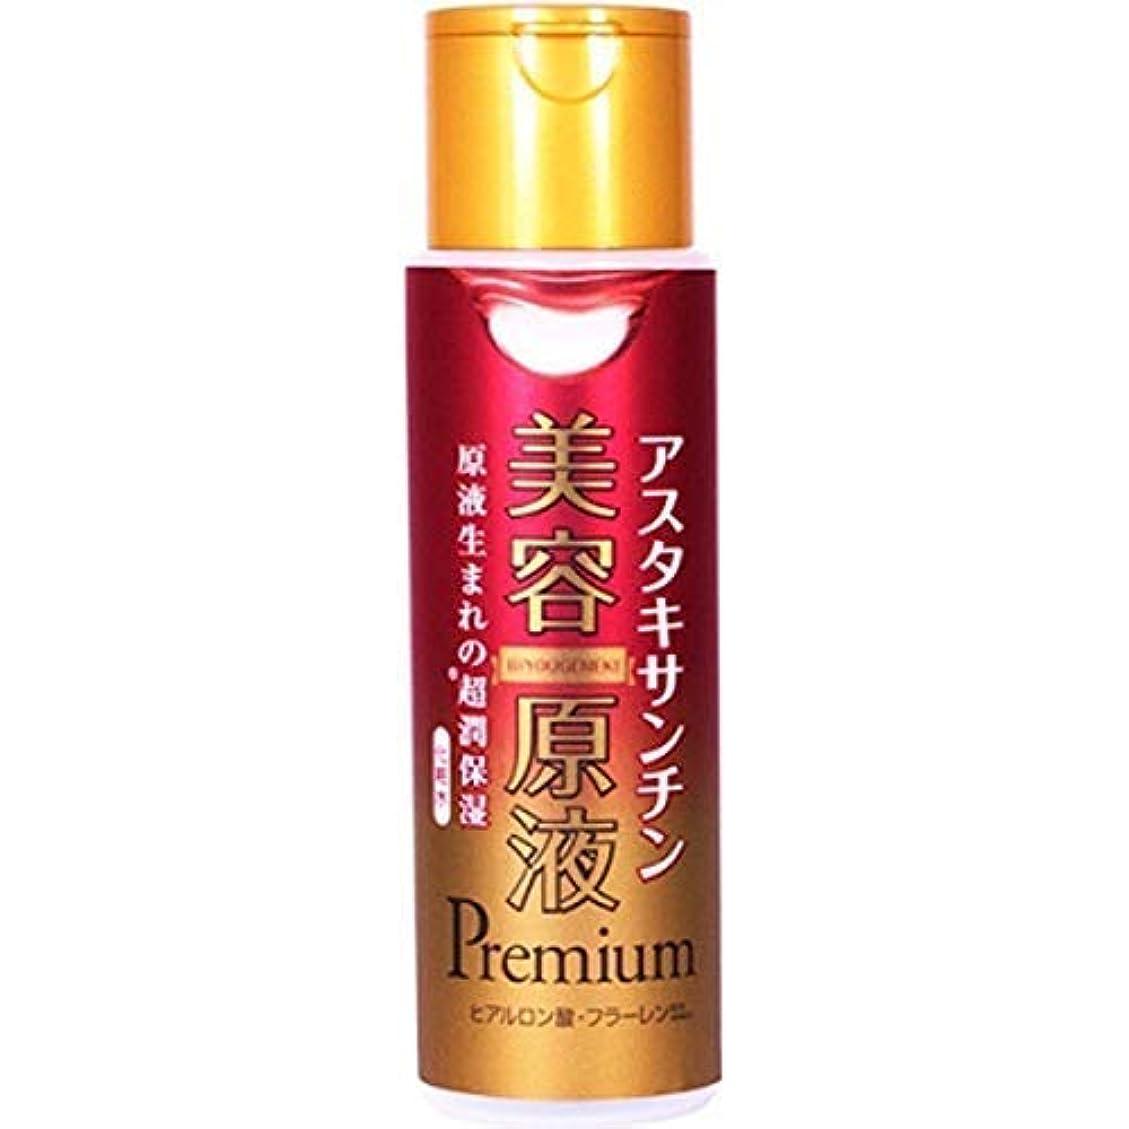 無駄闇識別する美容原液 超潤化粧水 ヒアルロン酸&アスタキサンチン 185mL (化粧水 エイジングケア 高保湿)